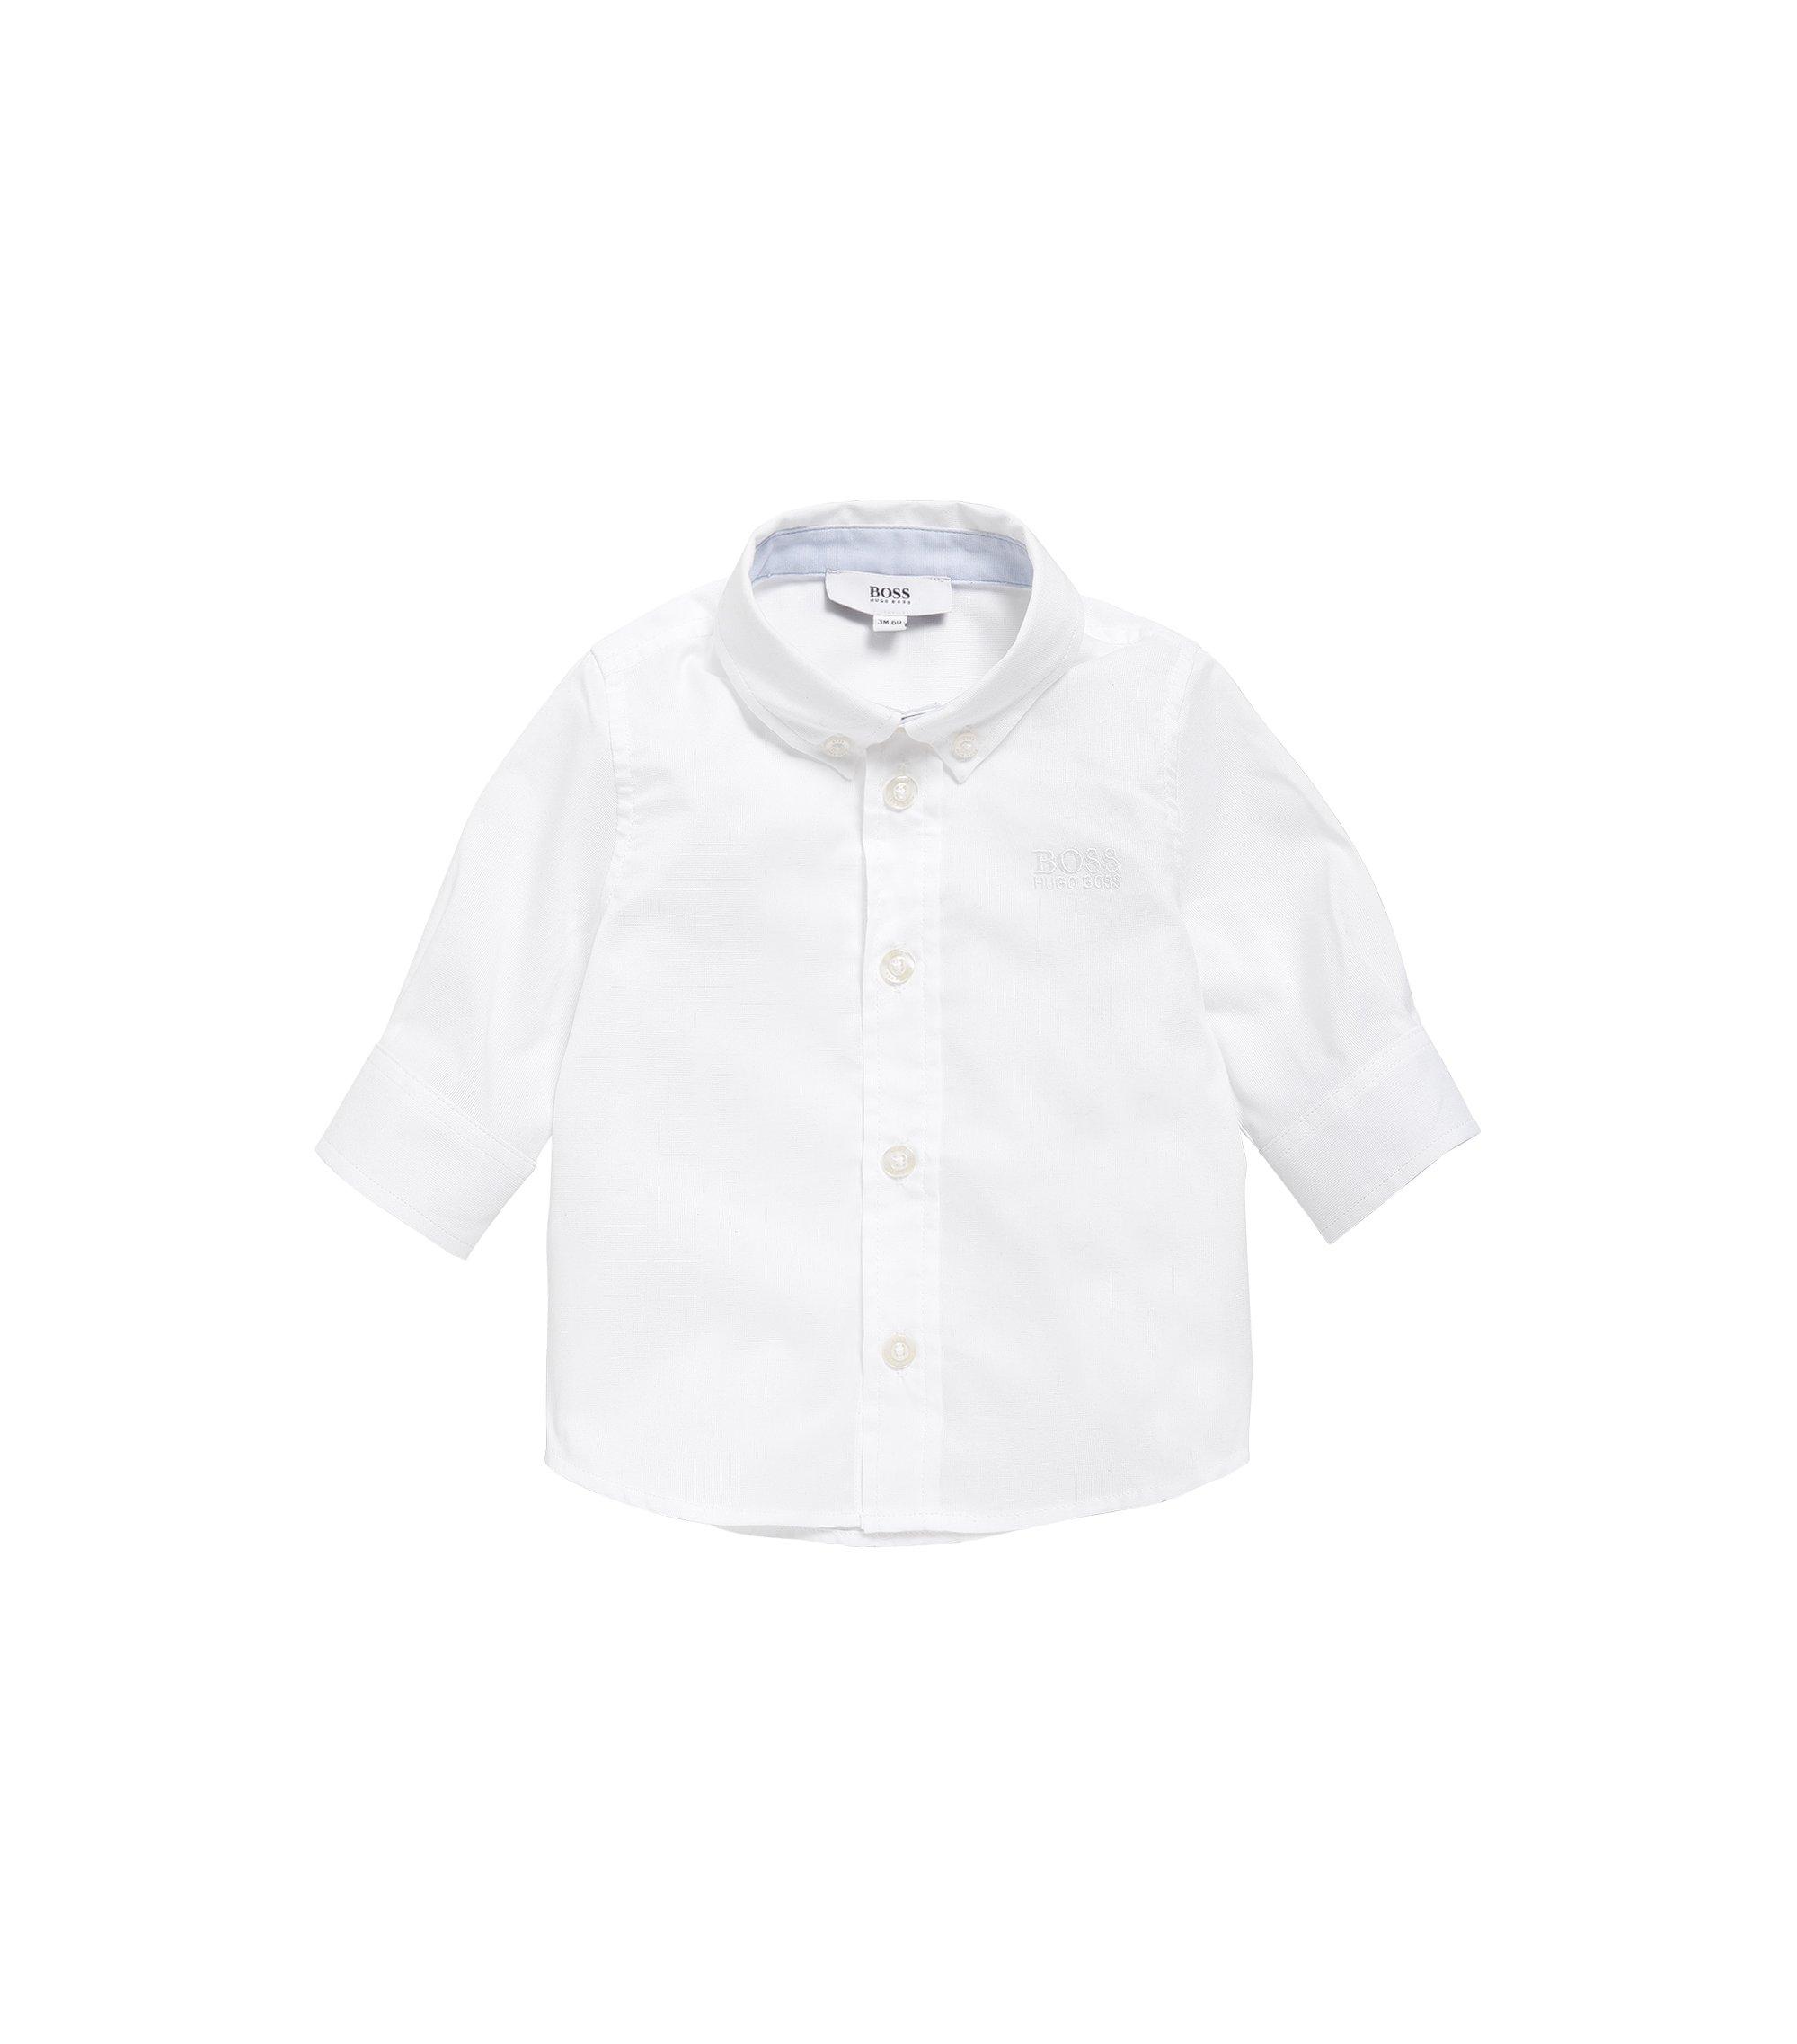 Camicia da bambino in cotone con colletto button-down: 'J05508', Bianco